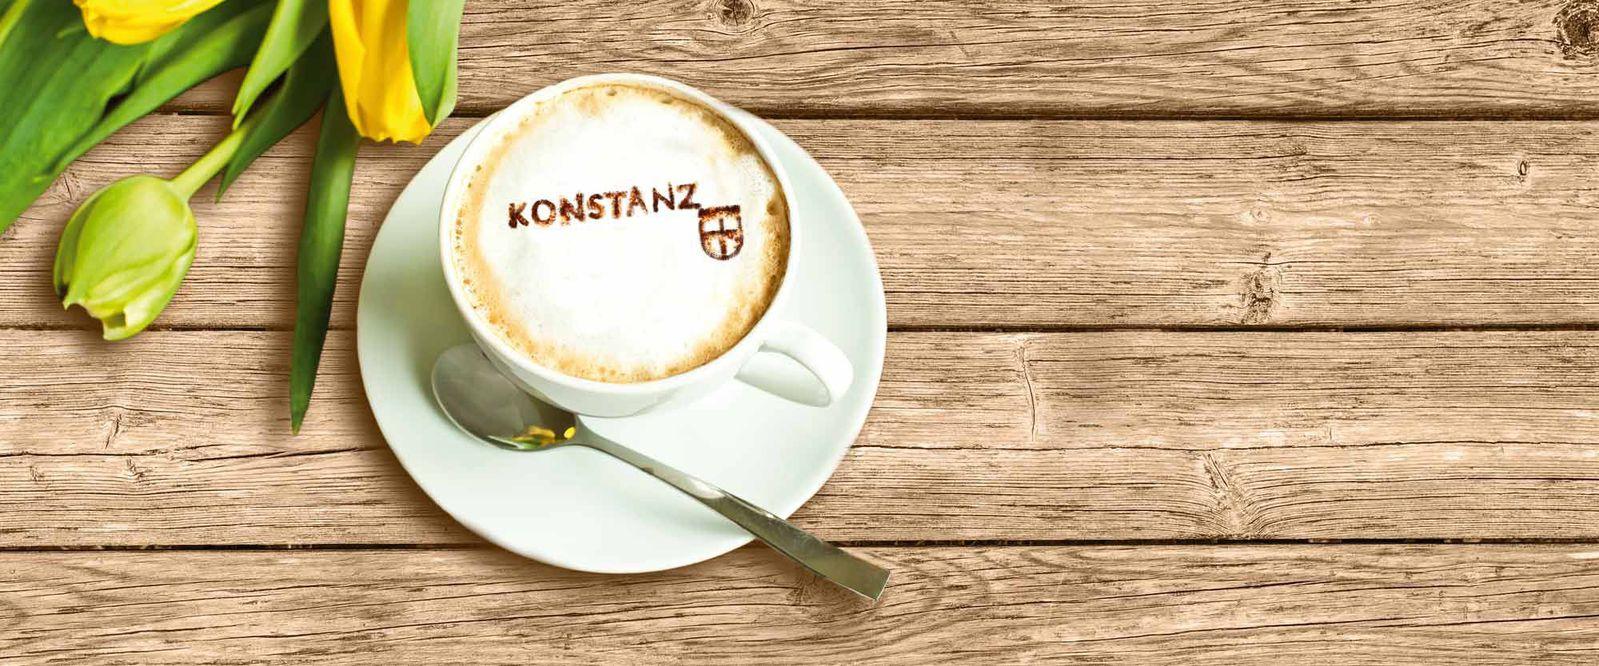 Unternehmerfrühstück_Konstanz